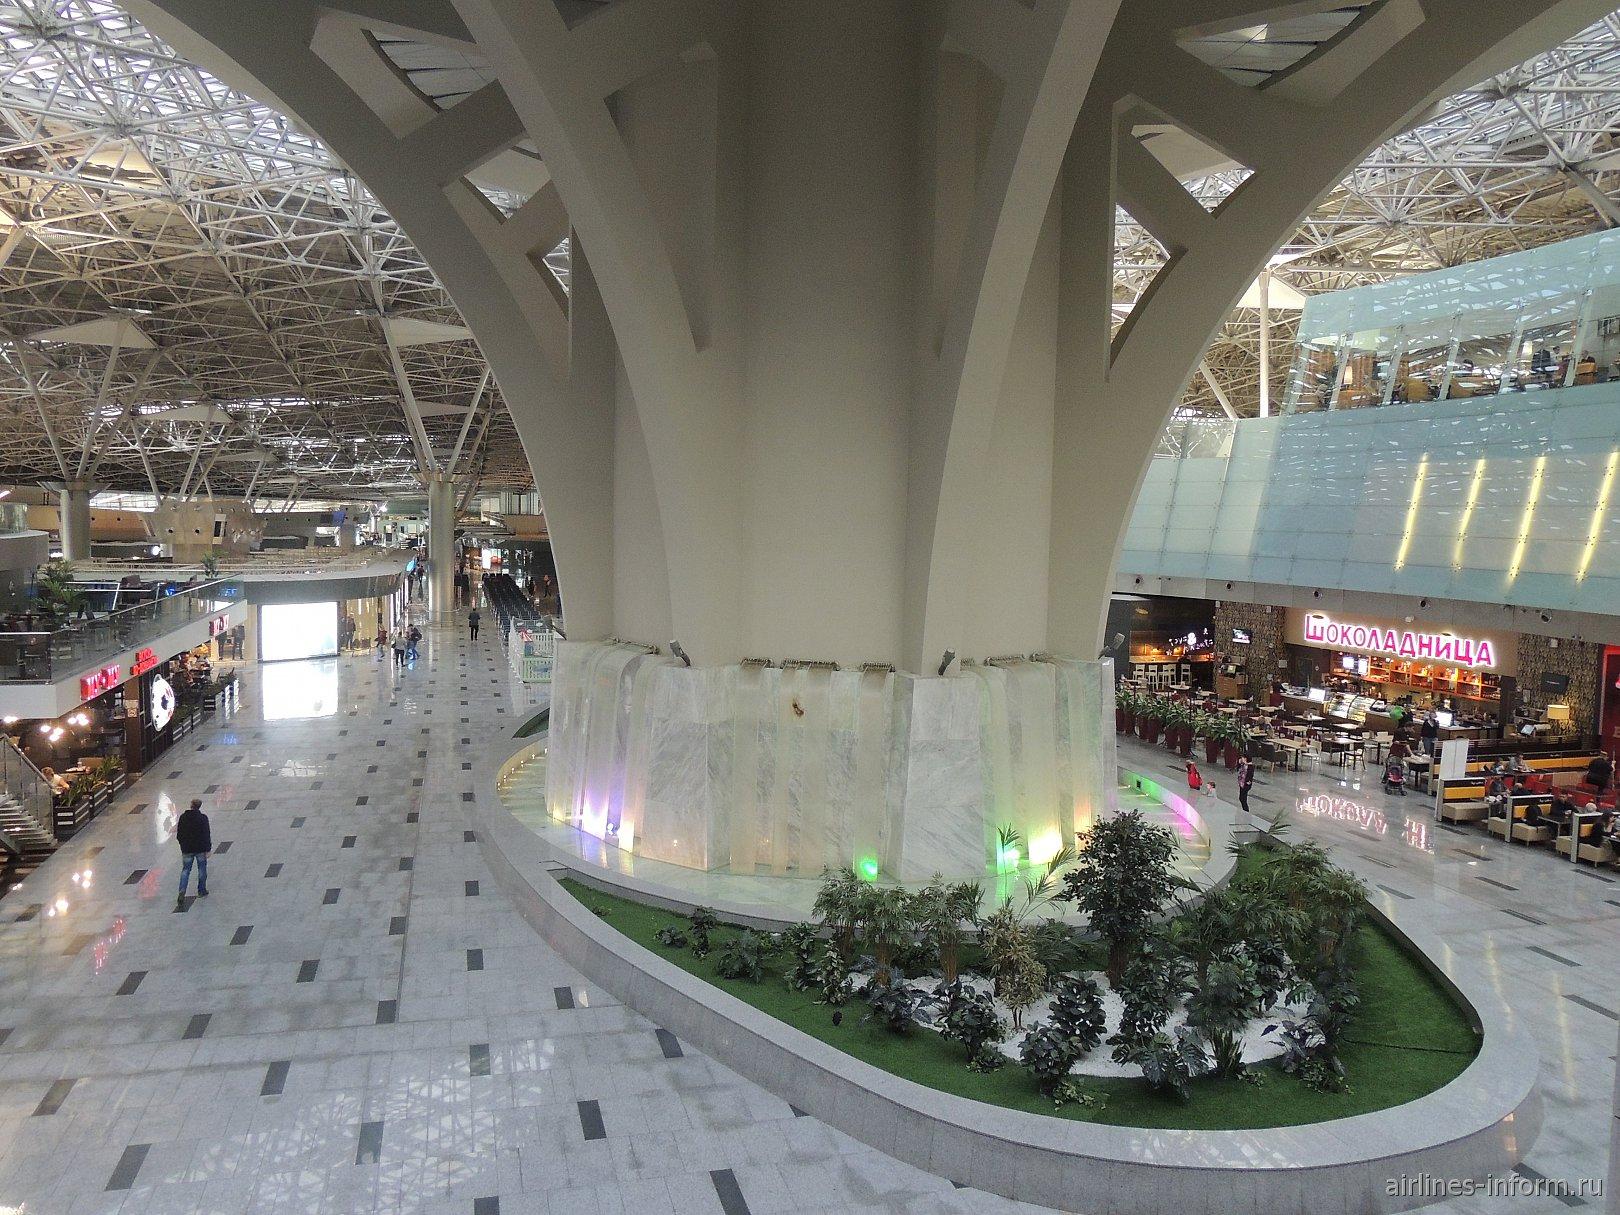 Водопад в зоне международных вылетов терминала А аэропорта Внуково